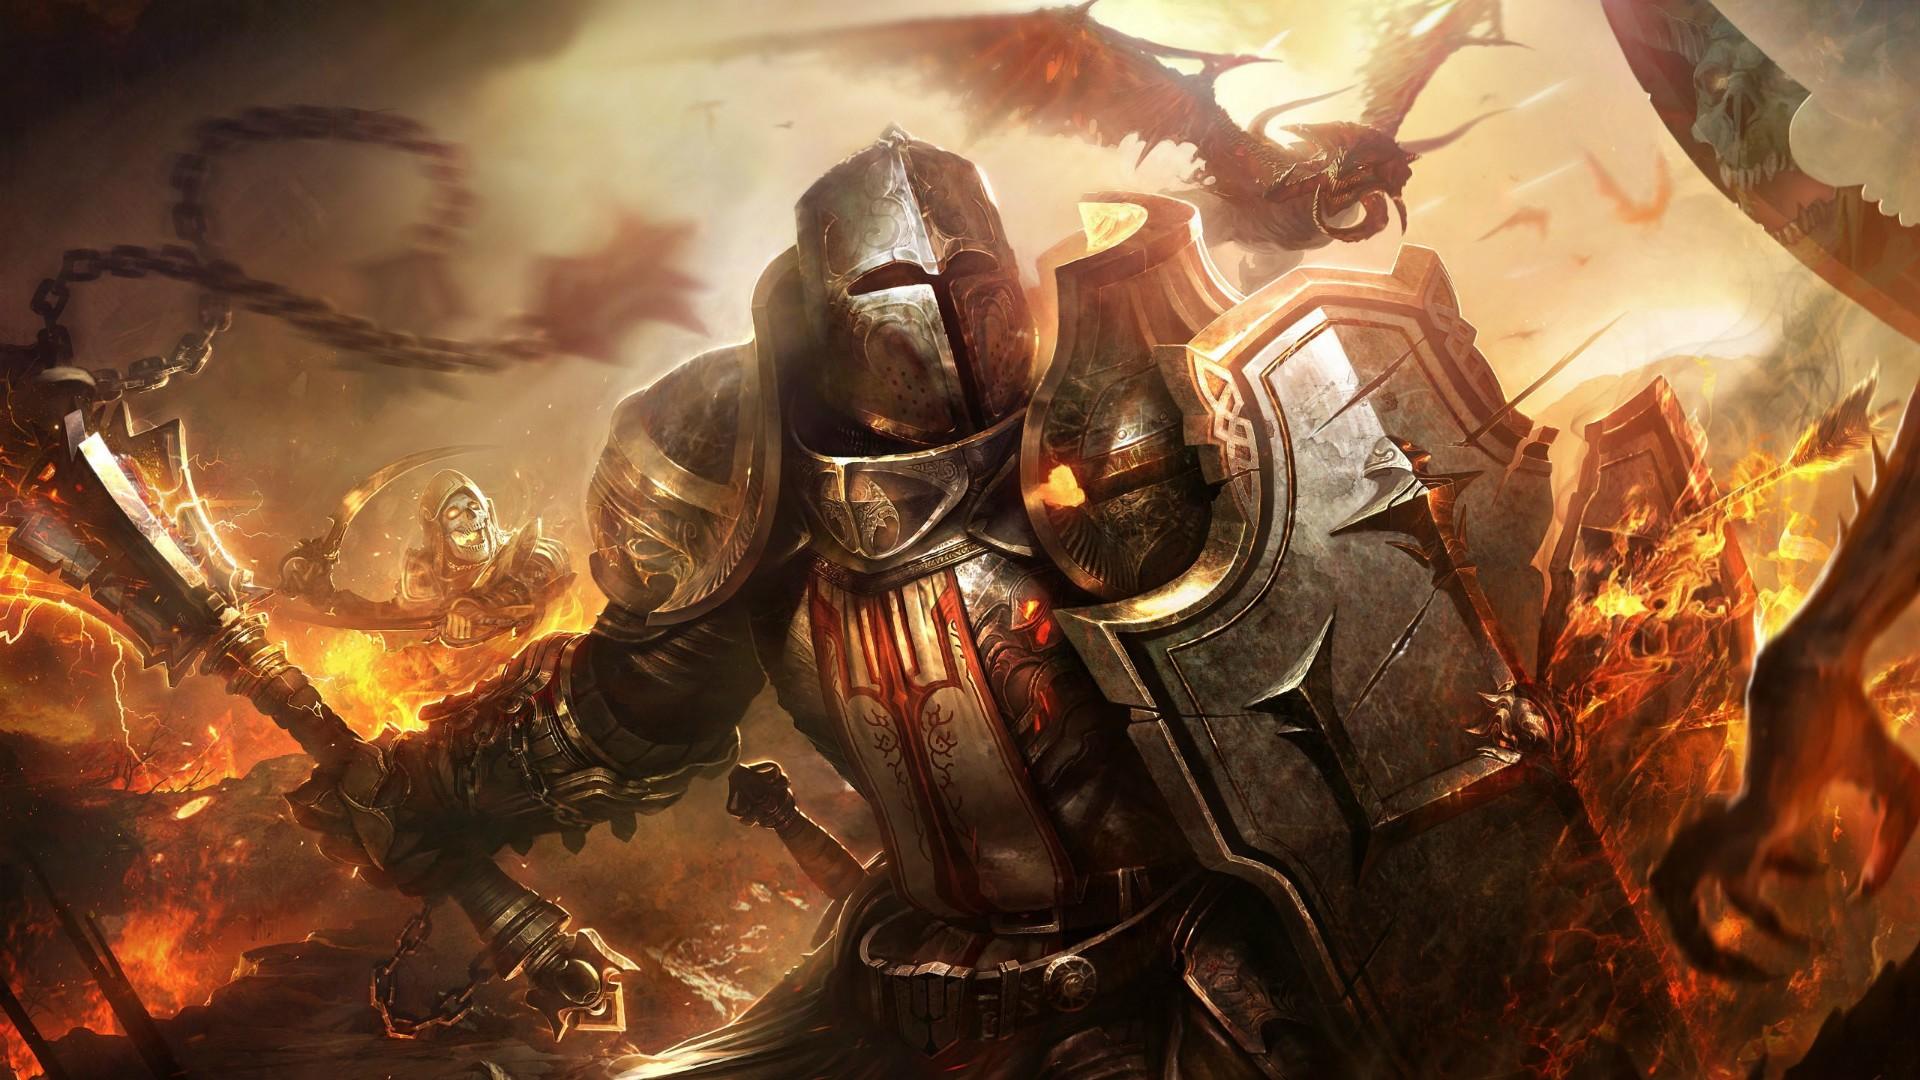 Fantasy Art Knight Dragon Shield Crusaders Person Mythology Diablo 3 Reaper Of Souls Games Screenshot Warlord